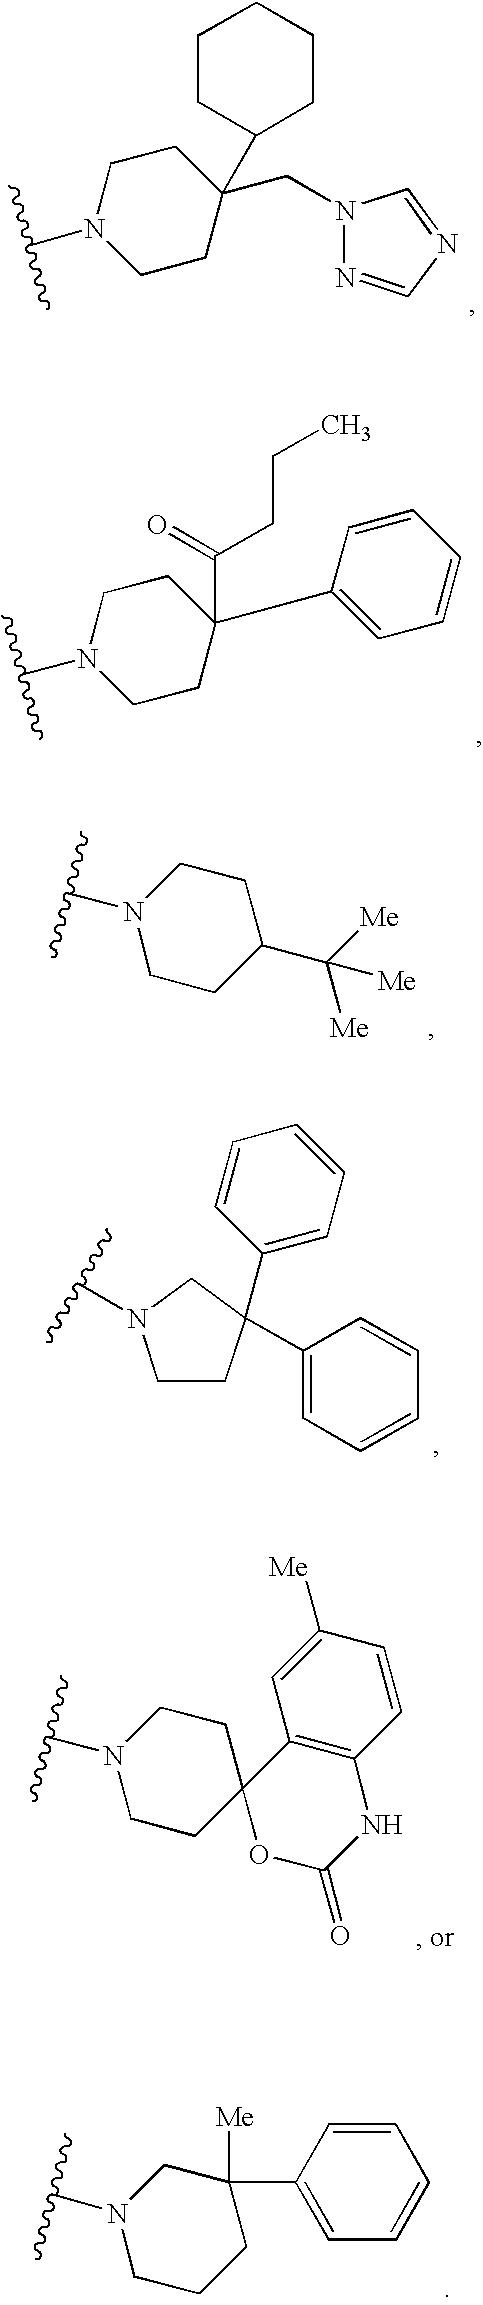 Figure US20040229882A1-20041118-C00021